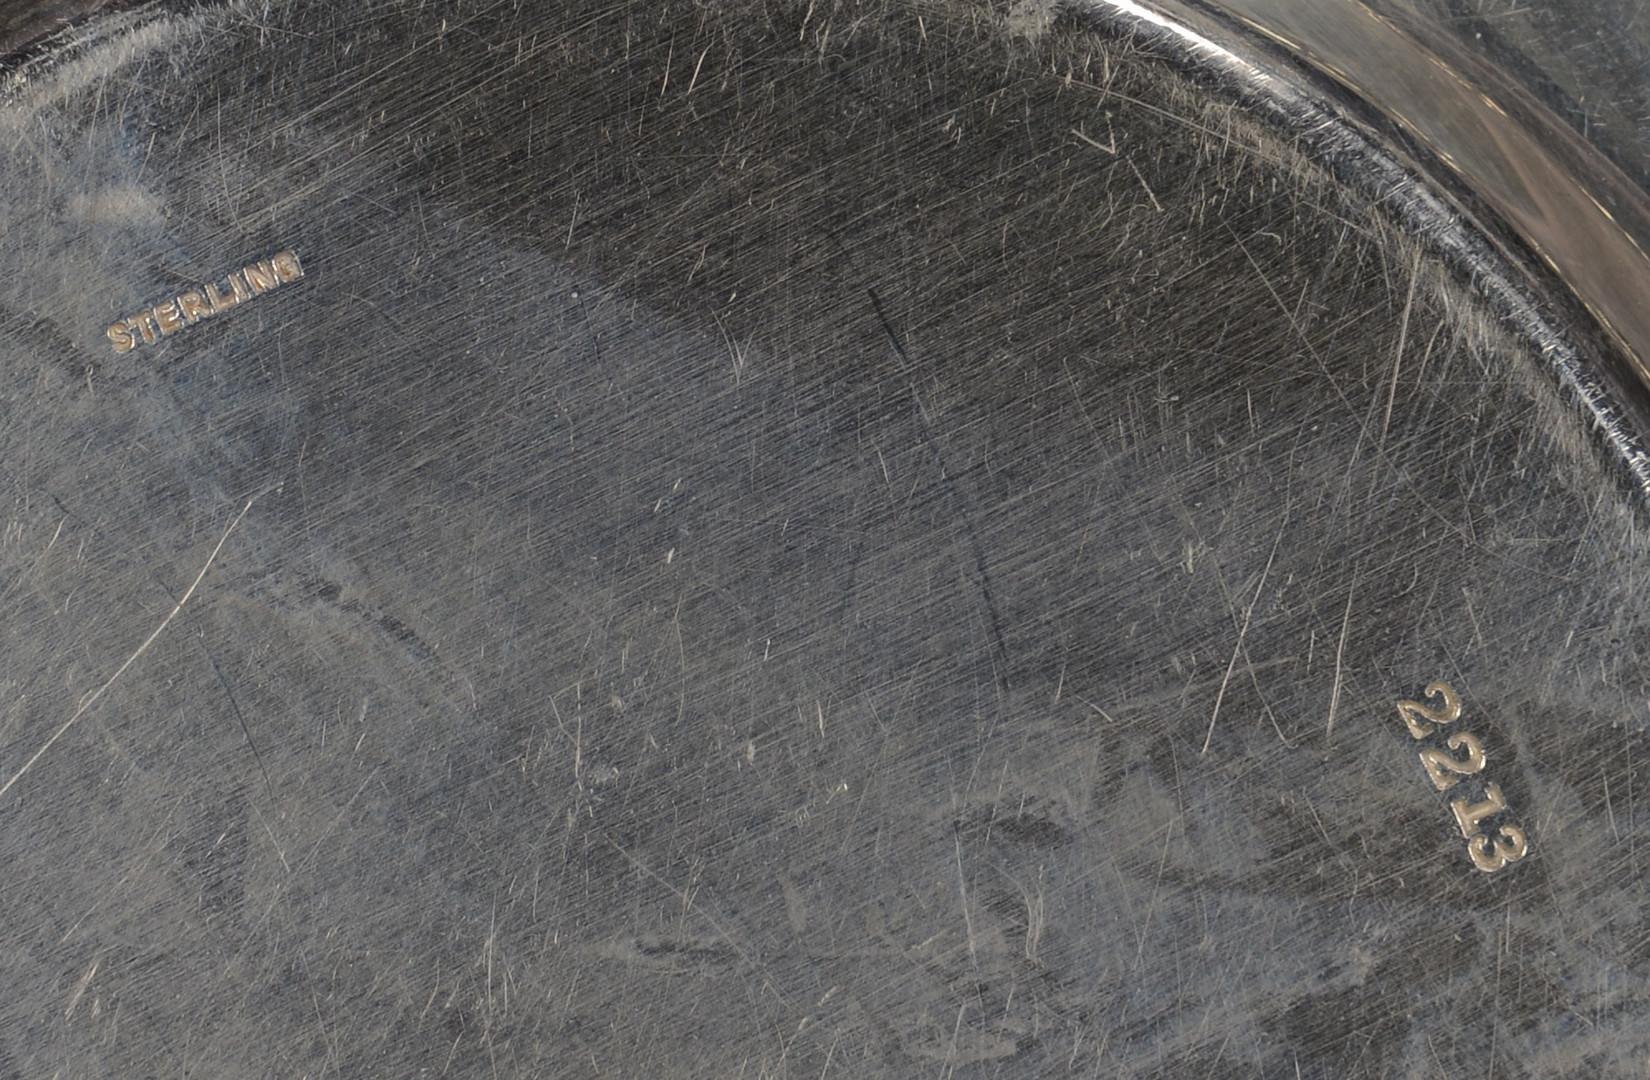 Lot 37: 12 Gorham Sterling Bread Plates w/Floral design